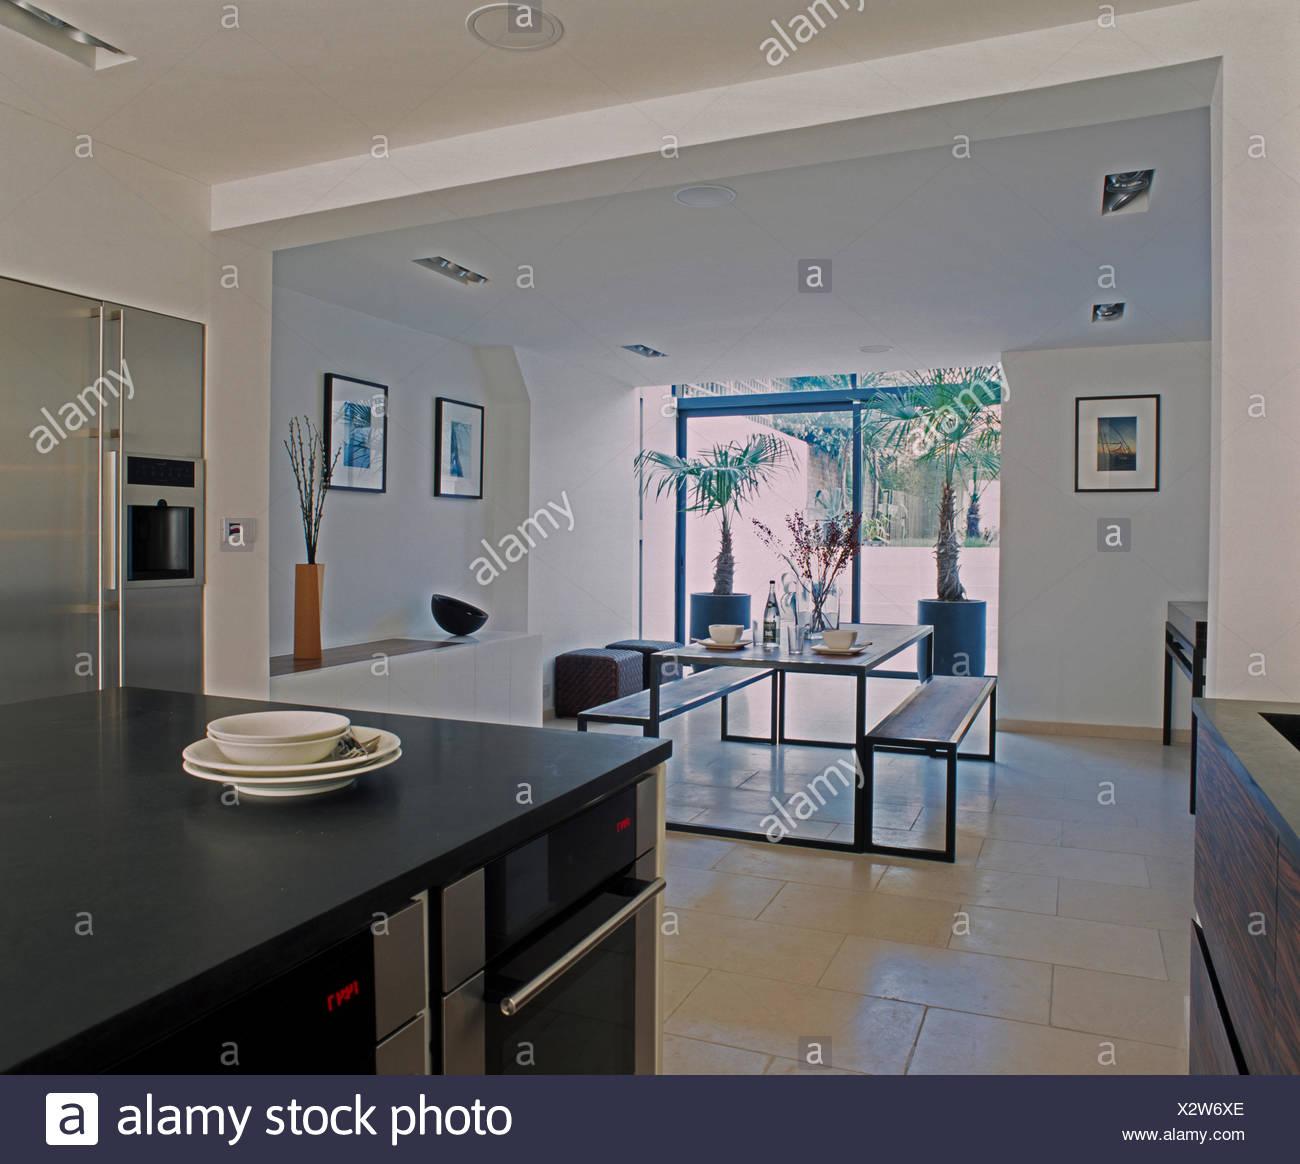 Wohnideen Wohnzimmer Grauer Boden Wohnzimmer Dunkler Boden Home